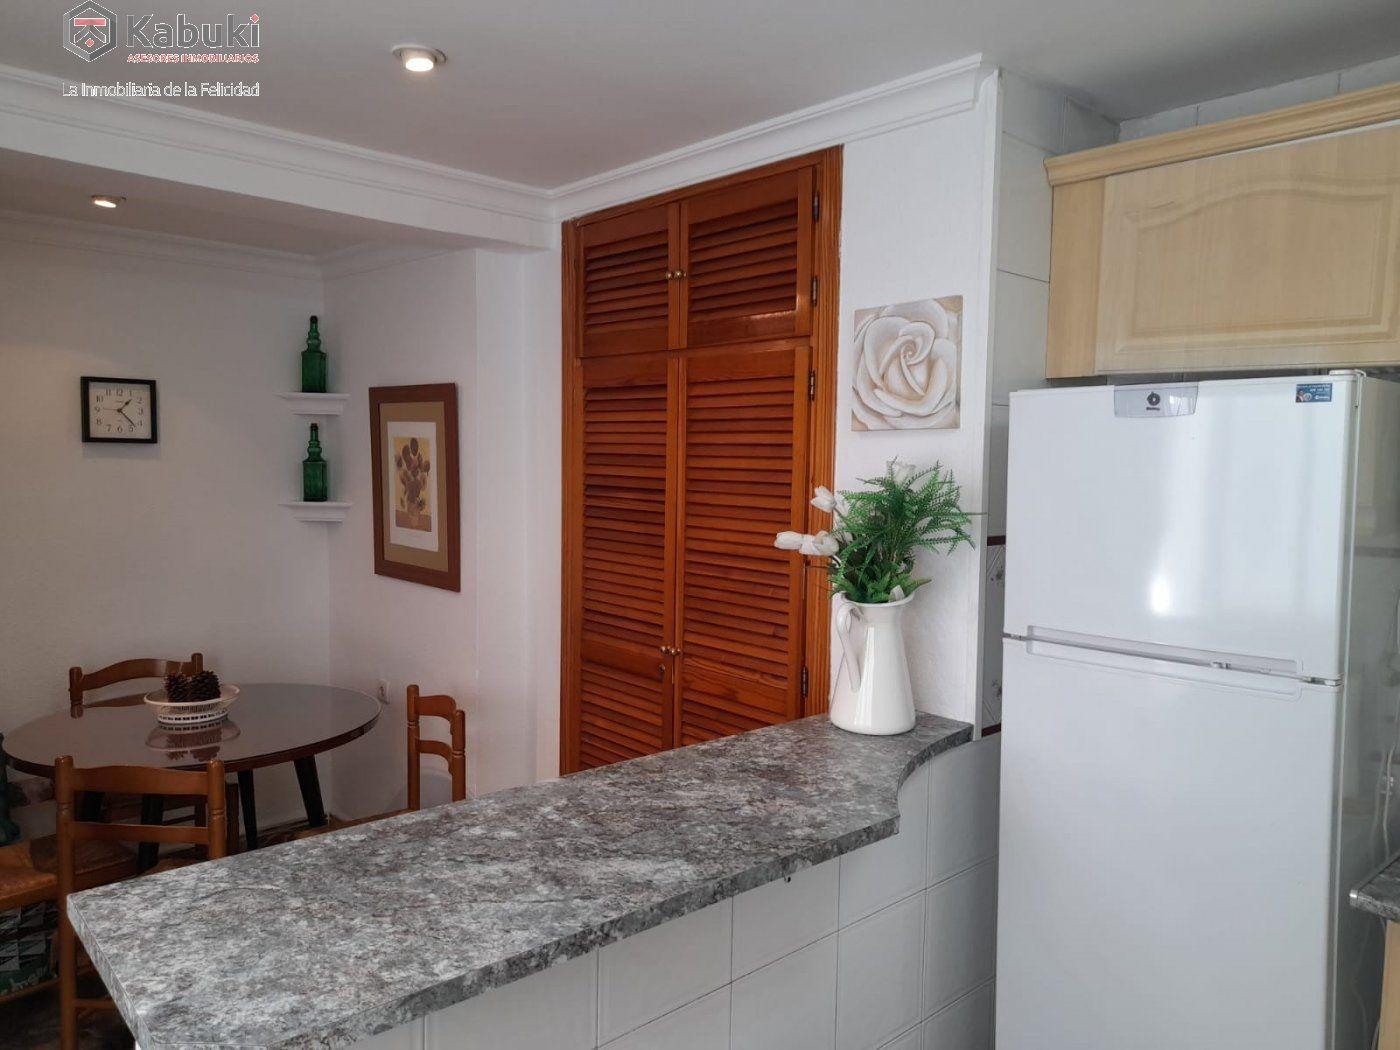 Magnífico inmueble en alquiler en zona hipercor. ideal para familias, luminoso y espacioso - imagenInmueble22